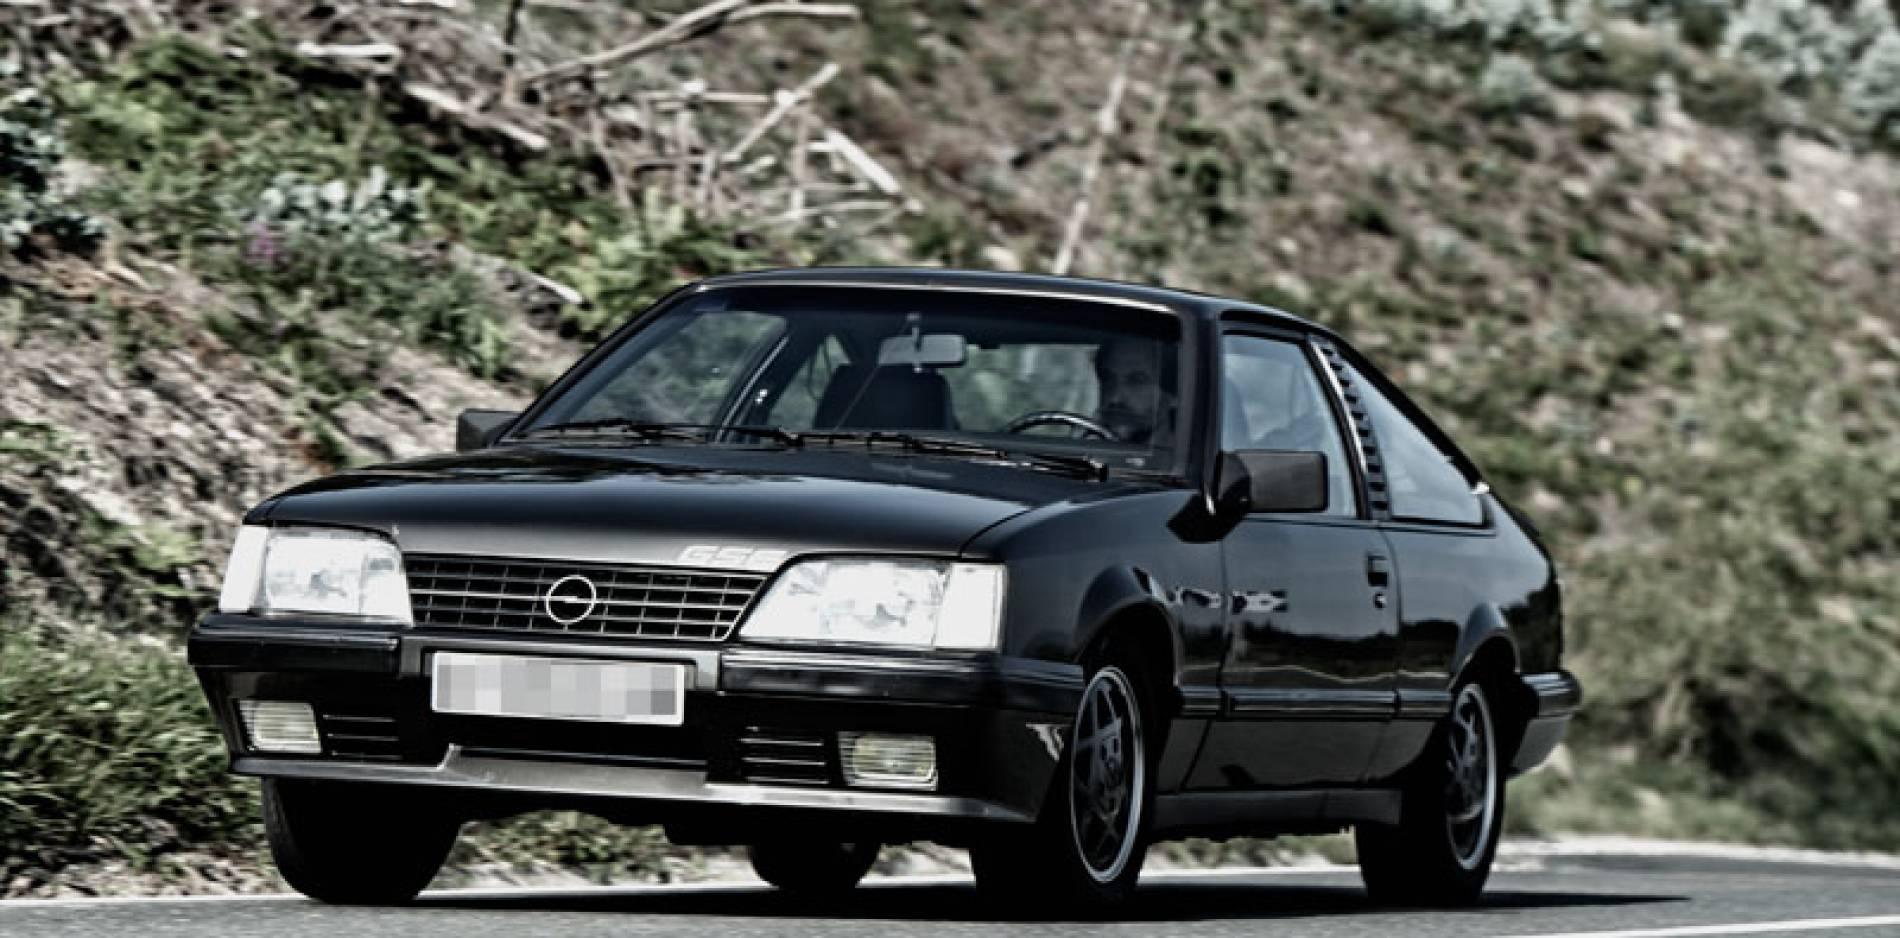 Prueba del Opel Monza 3.0 GSE: músculo alemán con nombre italiano